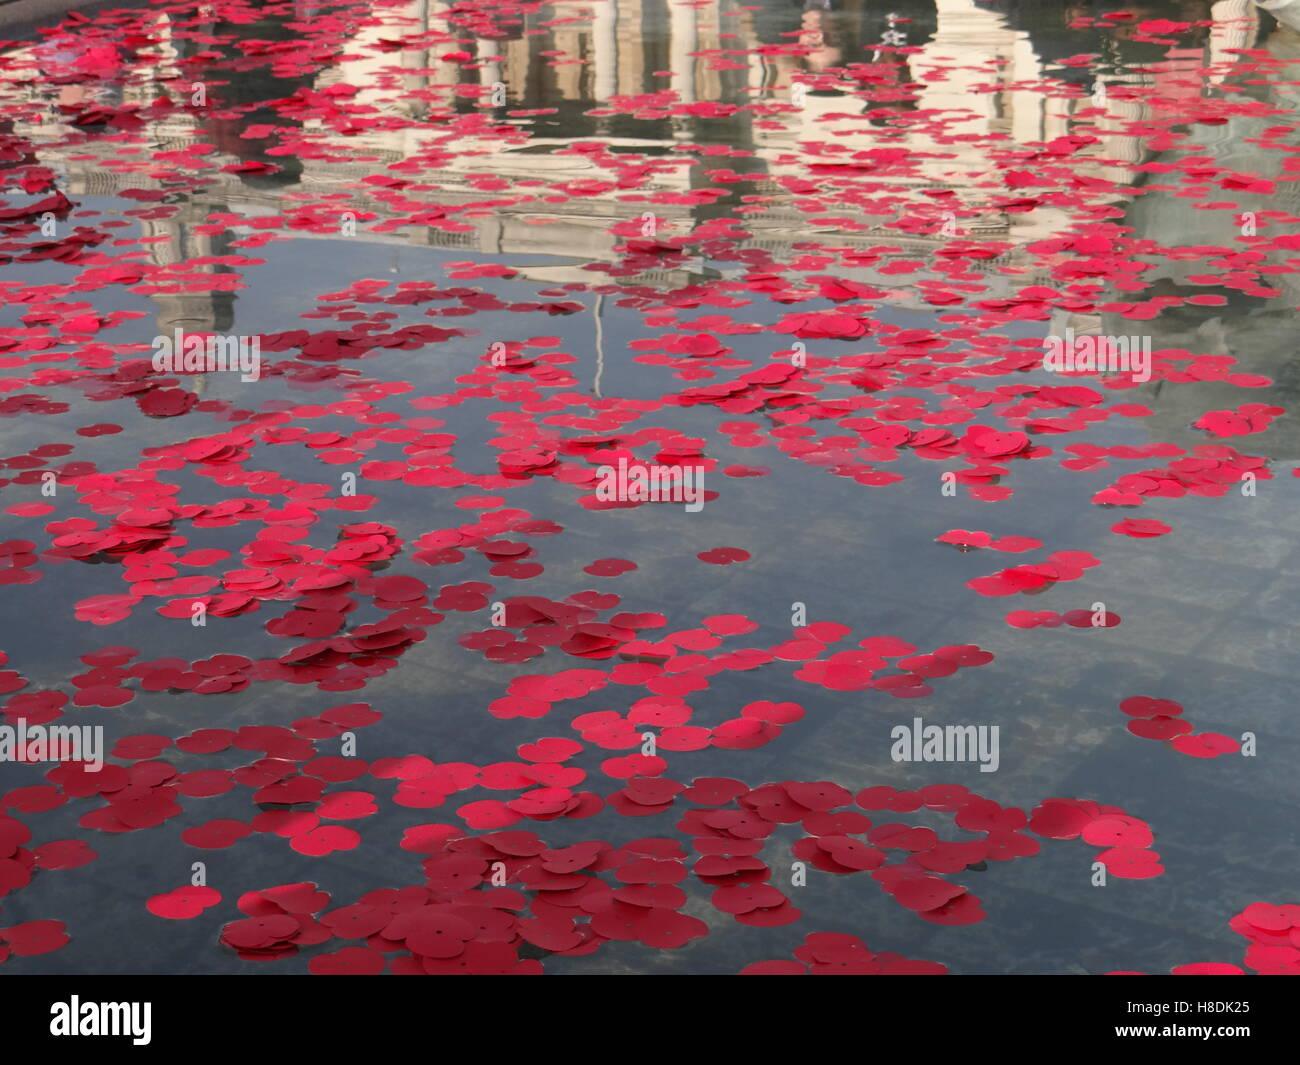 London, UK. 11th Nov, 2016. Silence in the square - Remembrance Day in London, Trafalgar square, London, UK © Nastia Stock Photo